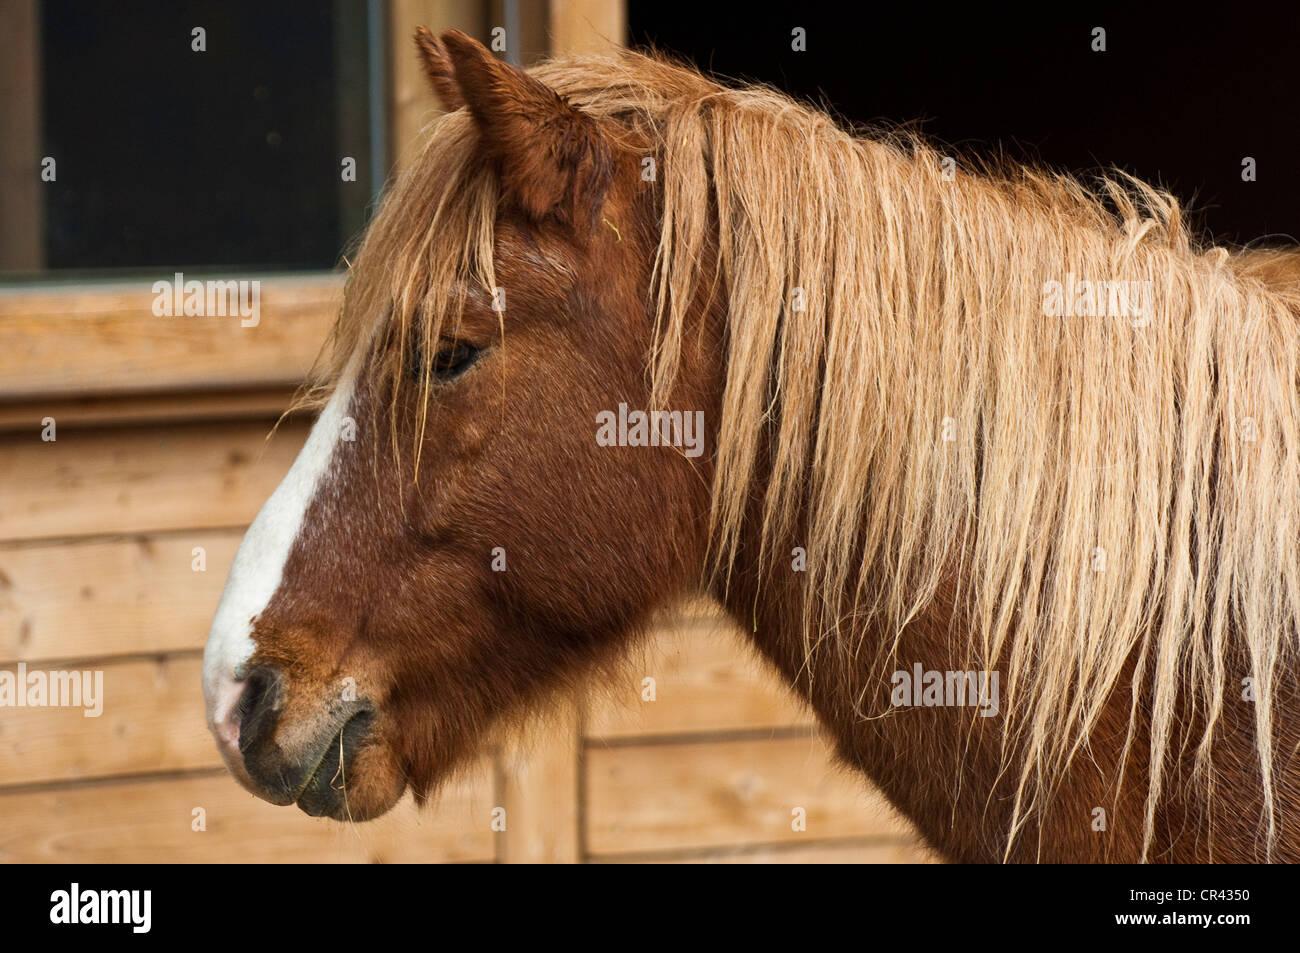 Austria, Vorarlberg, Sankt Gerold, draft horse bred Haflinger - Stock Image